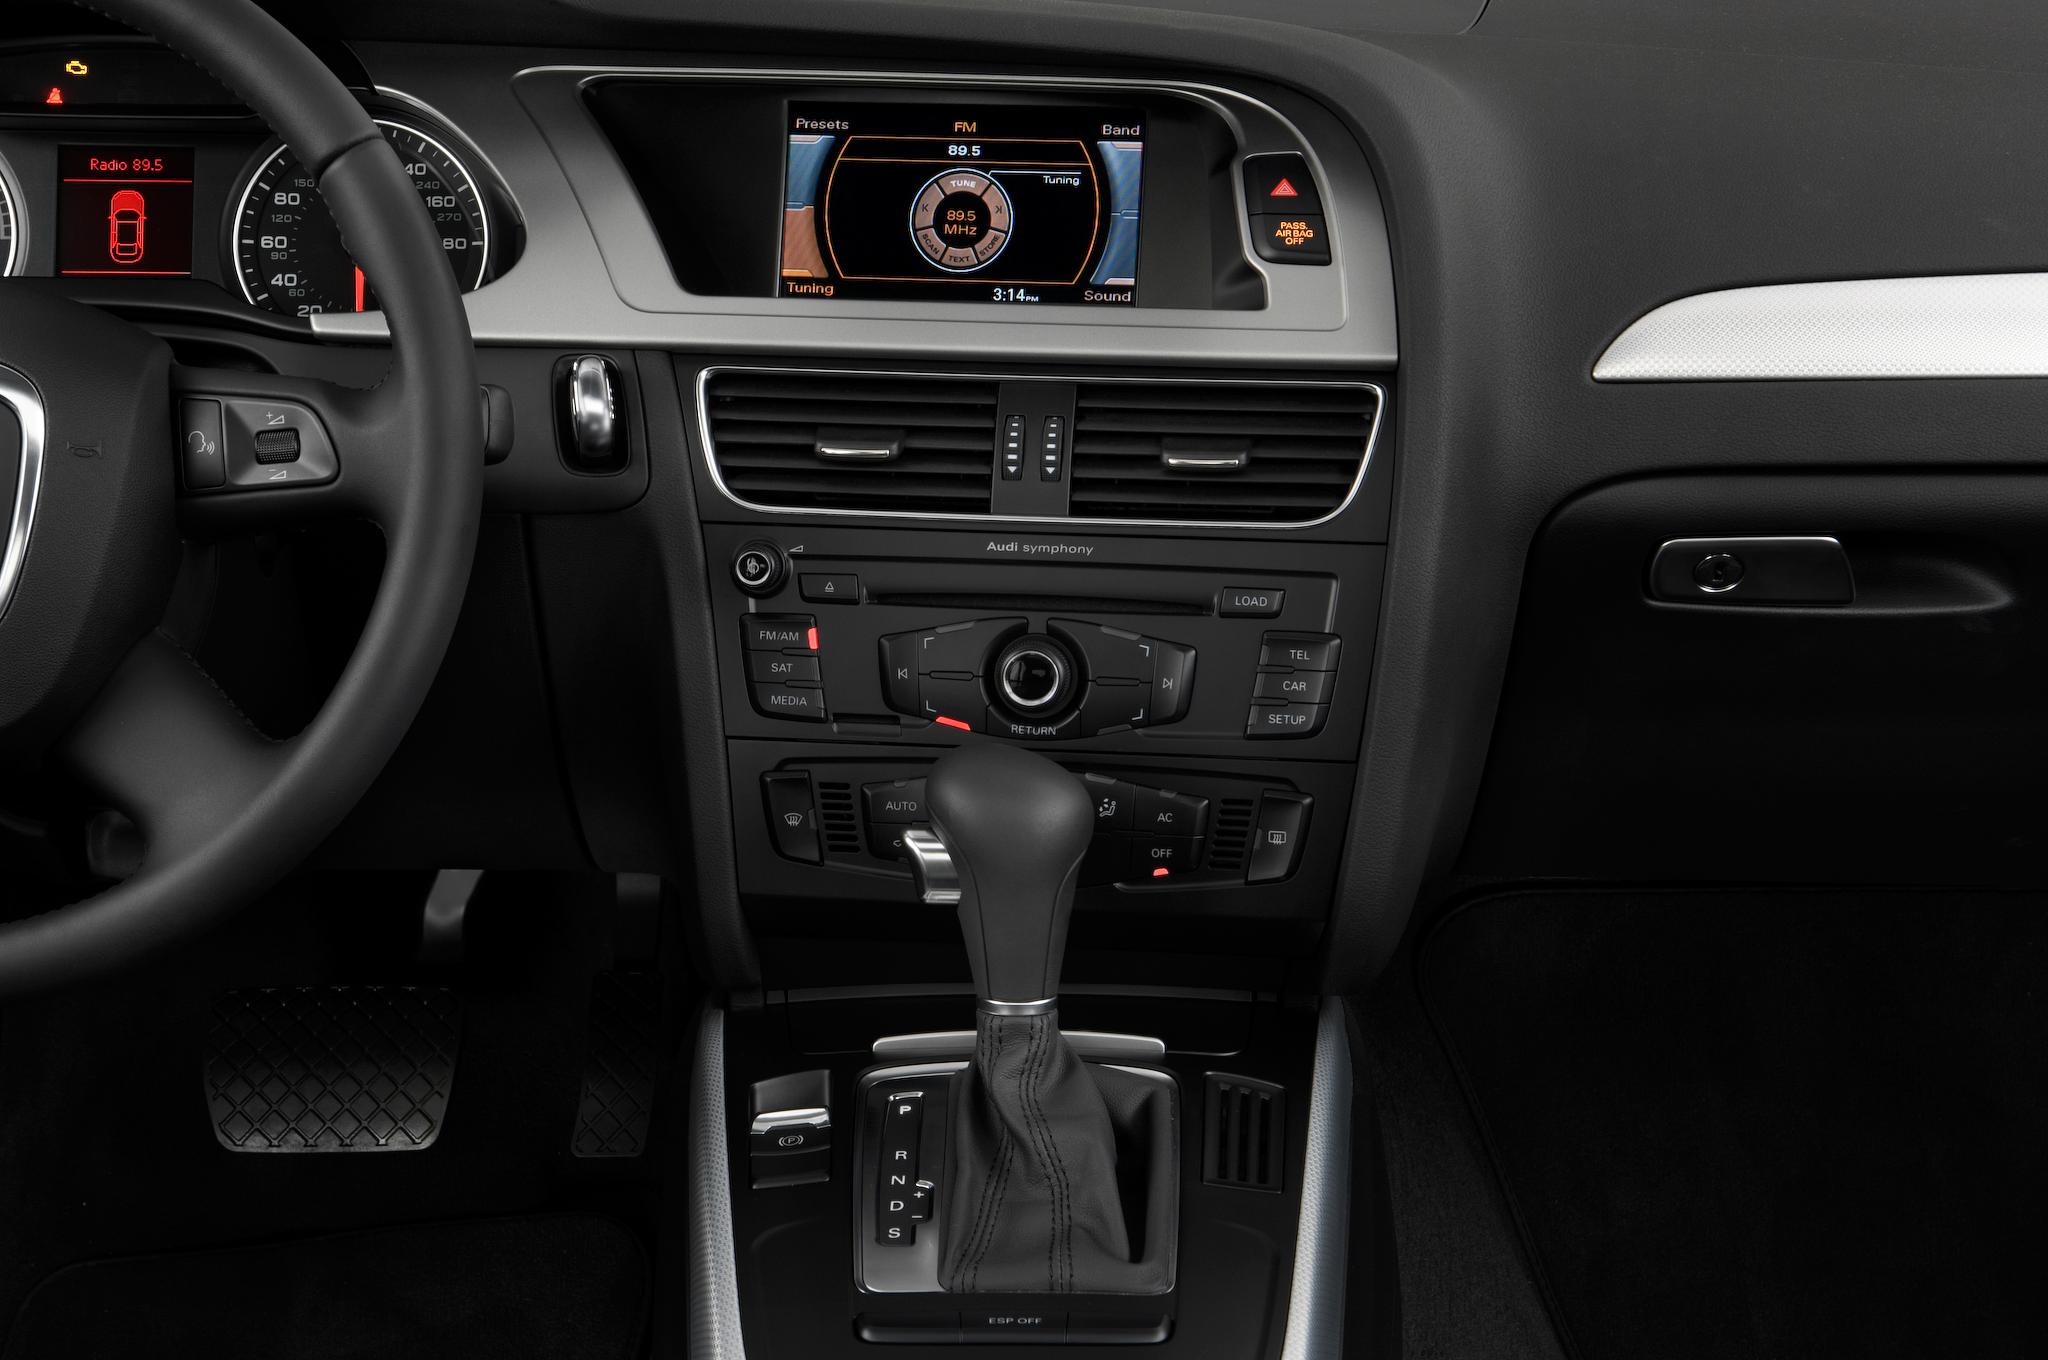 2010 Audi A4 2 0T M T Audi Luxury Sedan Review Automobile Magazine